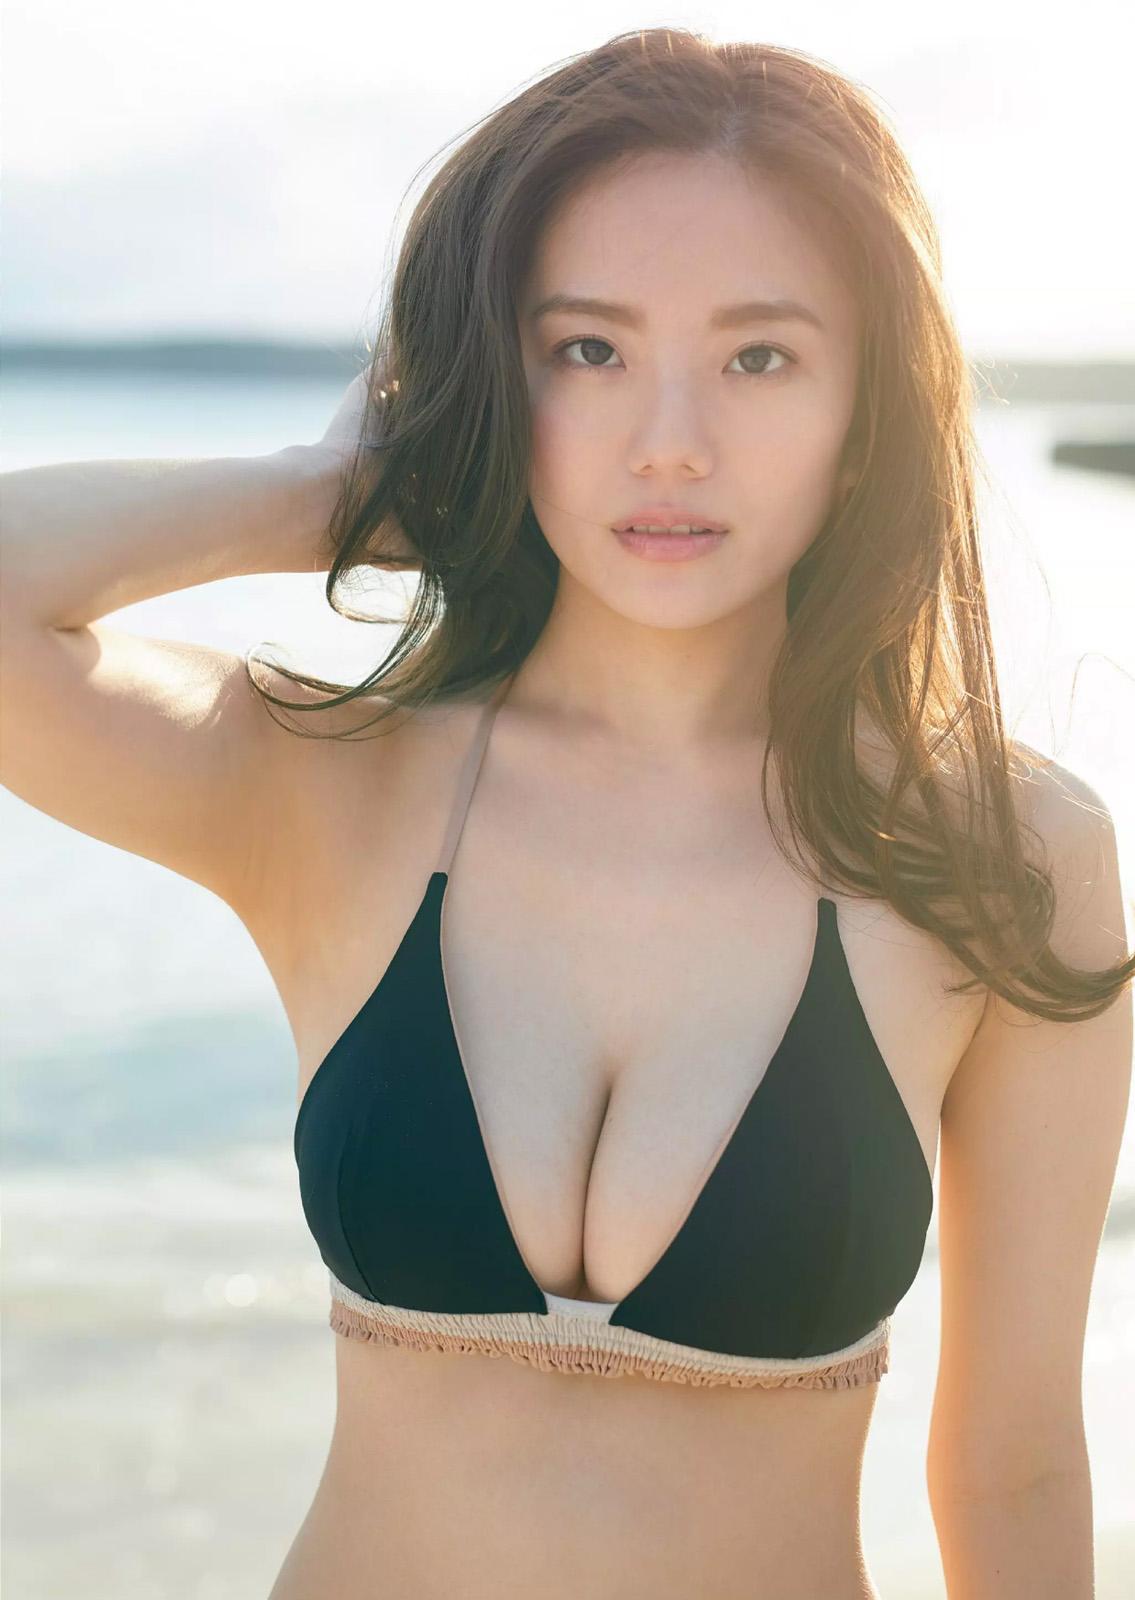 伊東紗冶子(23)Gカップキャスターの水着グラビア画像128枚・8枚目の画像